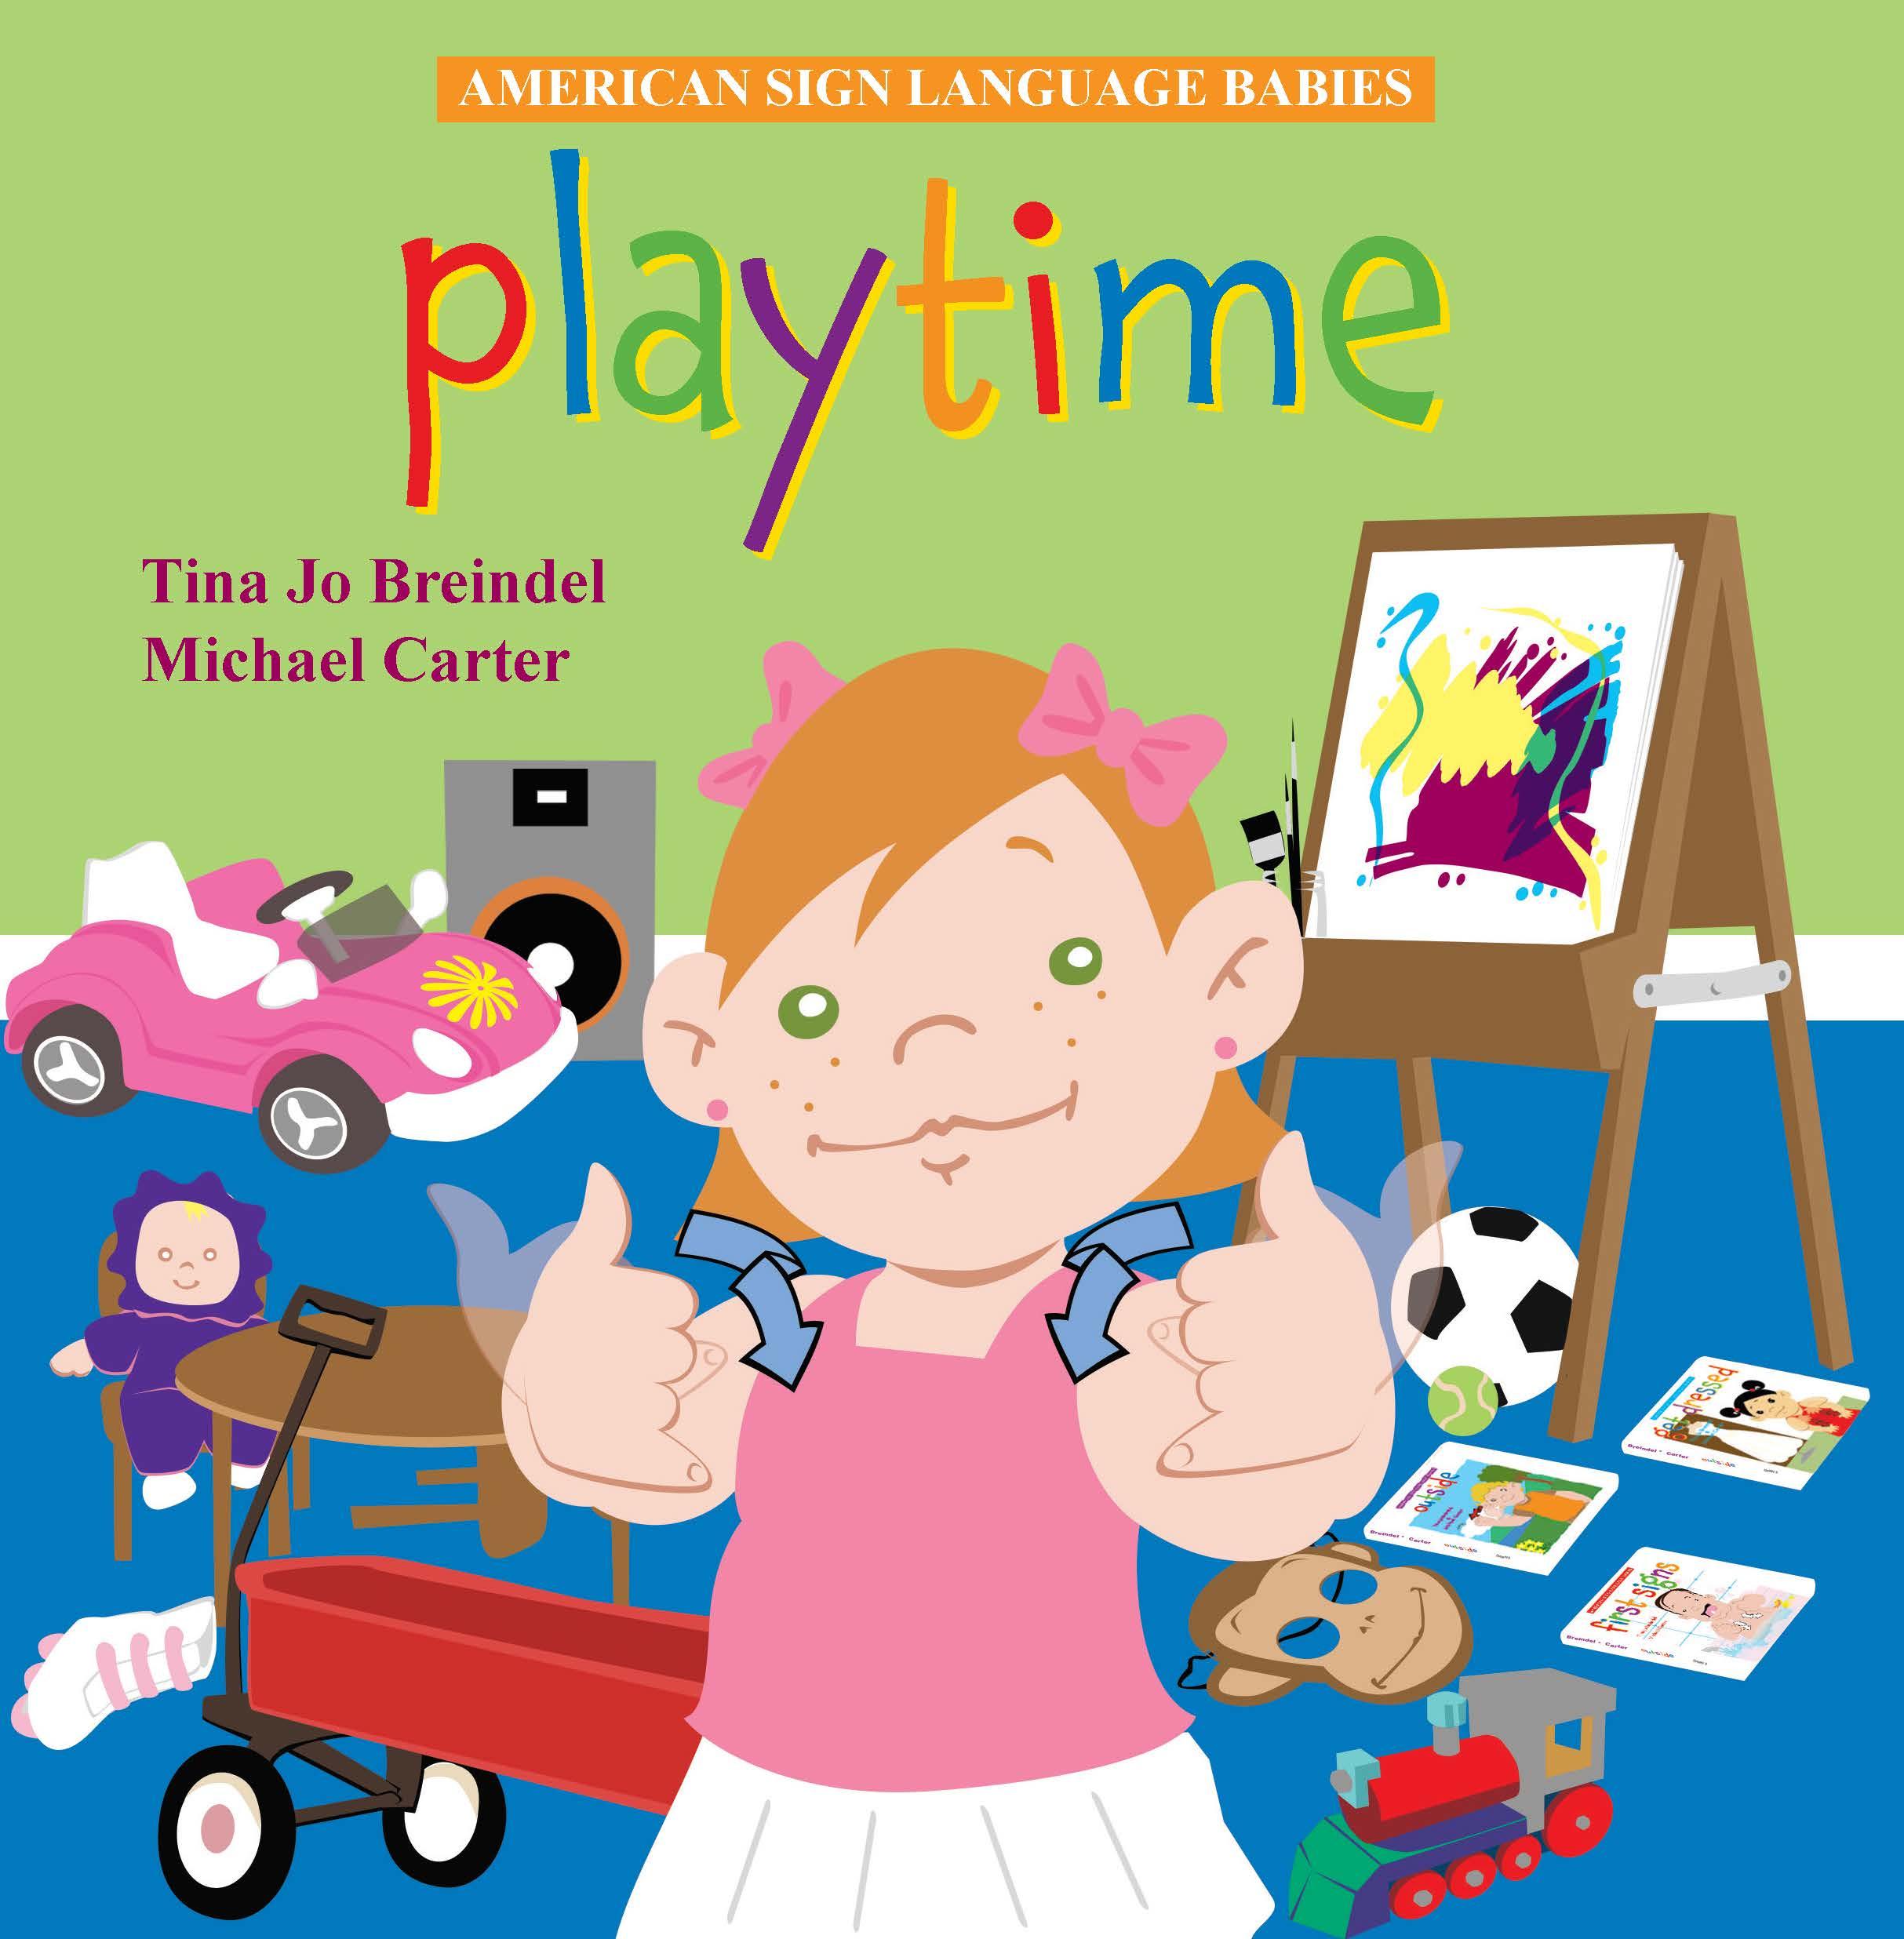 ASL Babies: Playtime